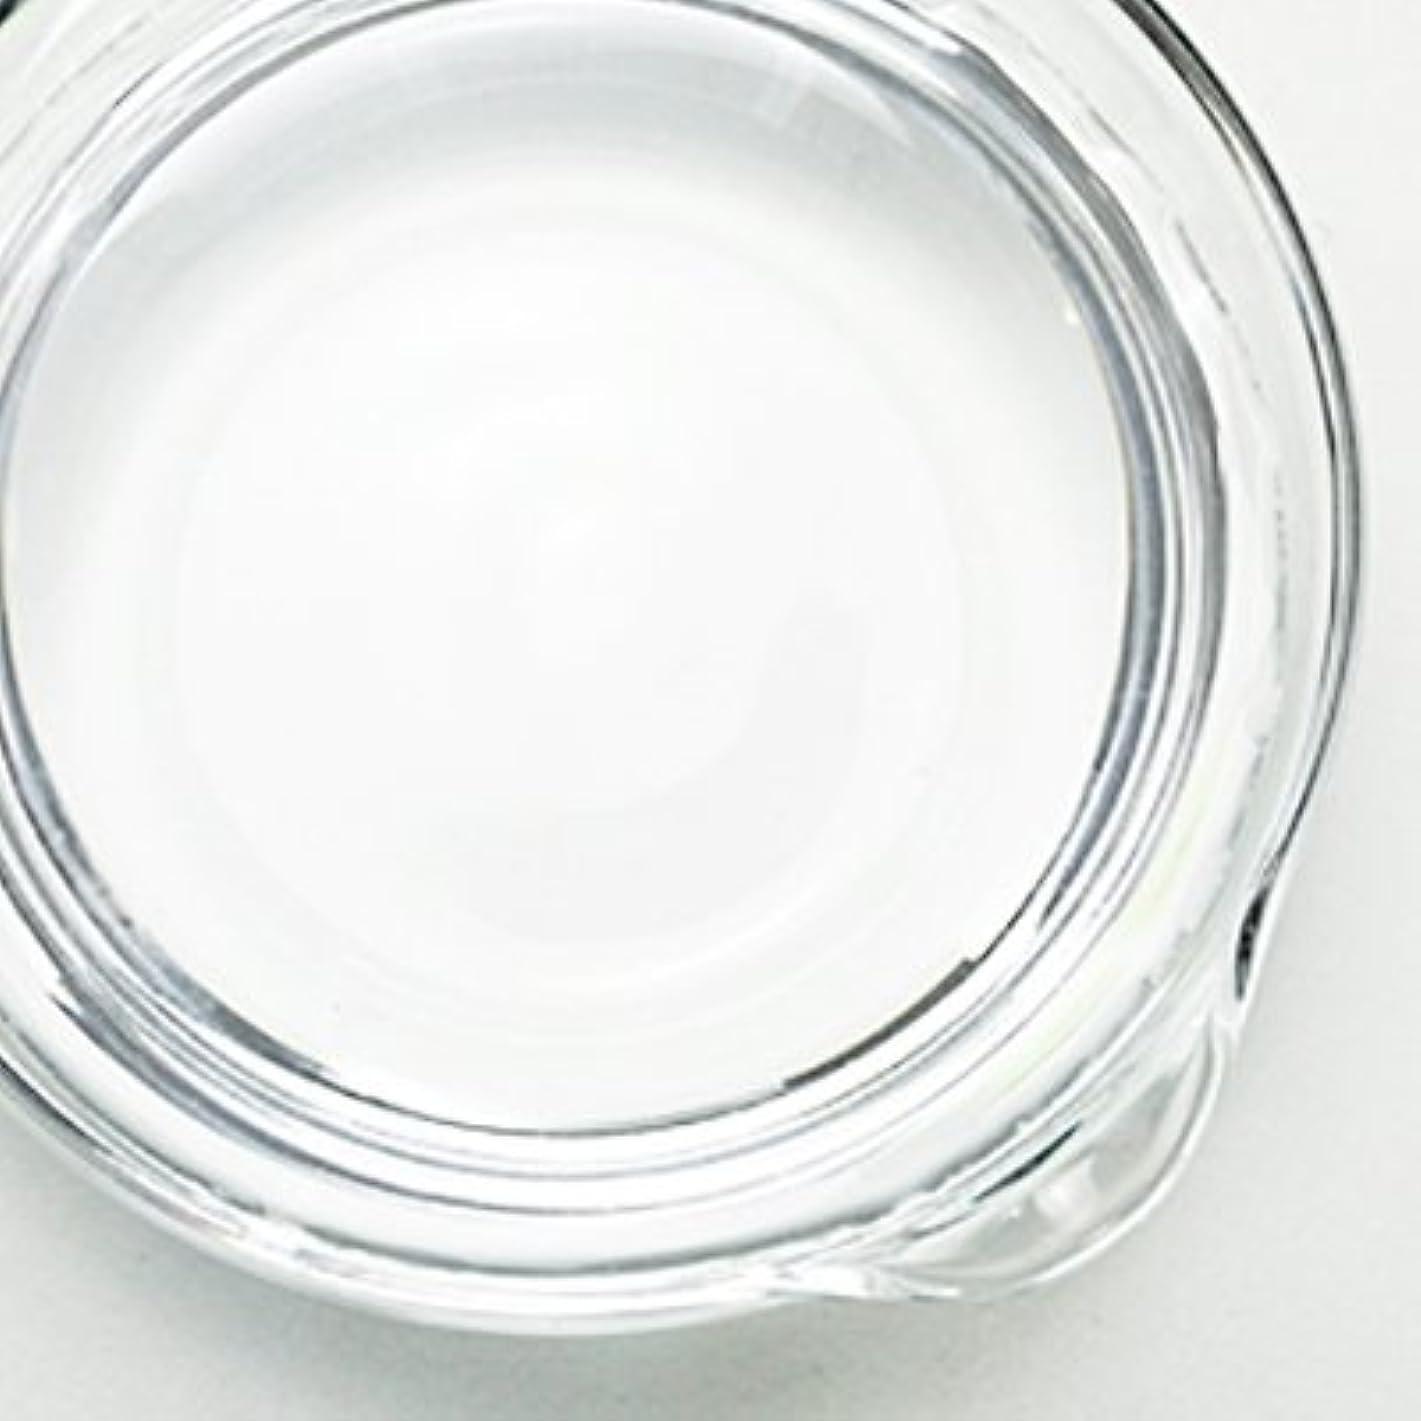 セイはさておき間欠マニュアル1,3-プロパンジオール[PG] 500ml 【手作り石鹸/手作りコスメ】